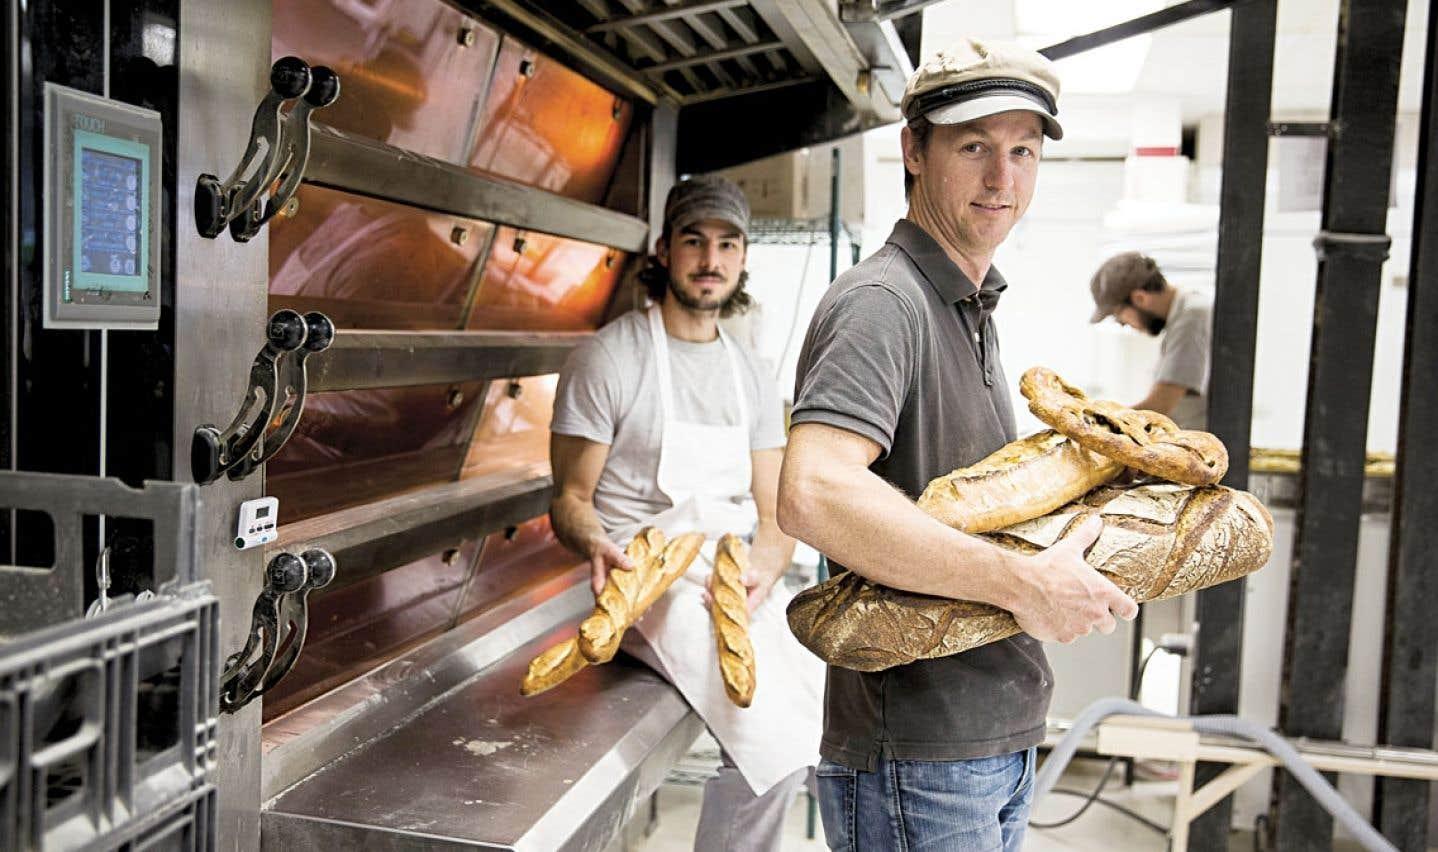 Un peu chimiste, un peu mécanicien et beaucoup boulanger, Martin Falardeau tient fourneau au Pain dans les voiles, qu'il a cofondé avec François Tardif. Il représentera le Canada au Mondial du pain en France à partir du 25 septembre.